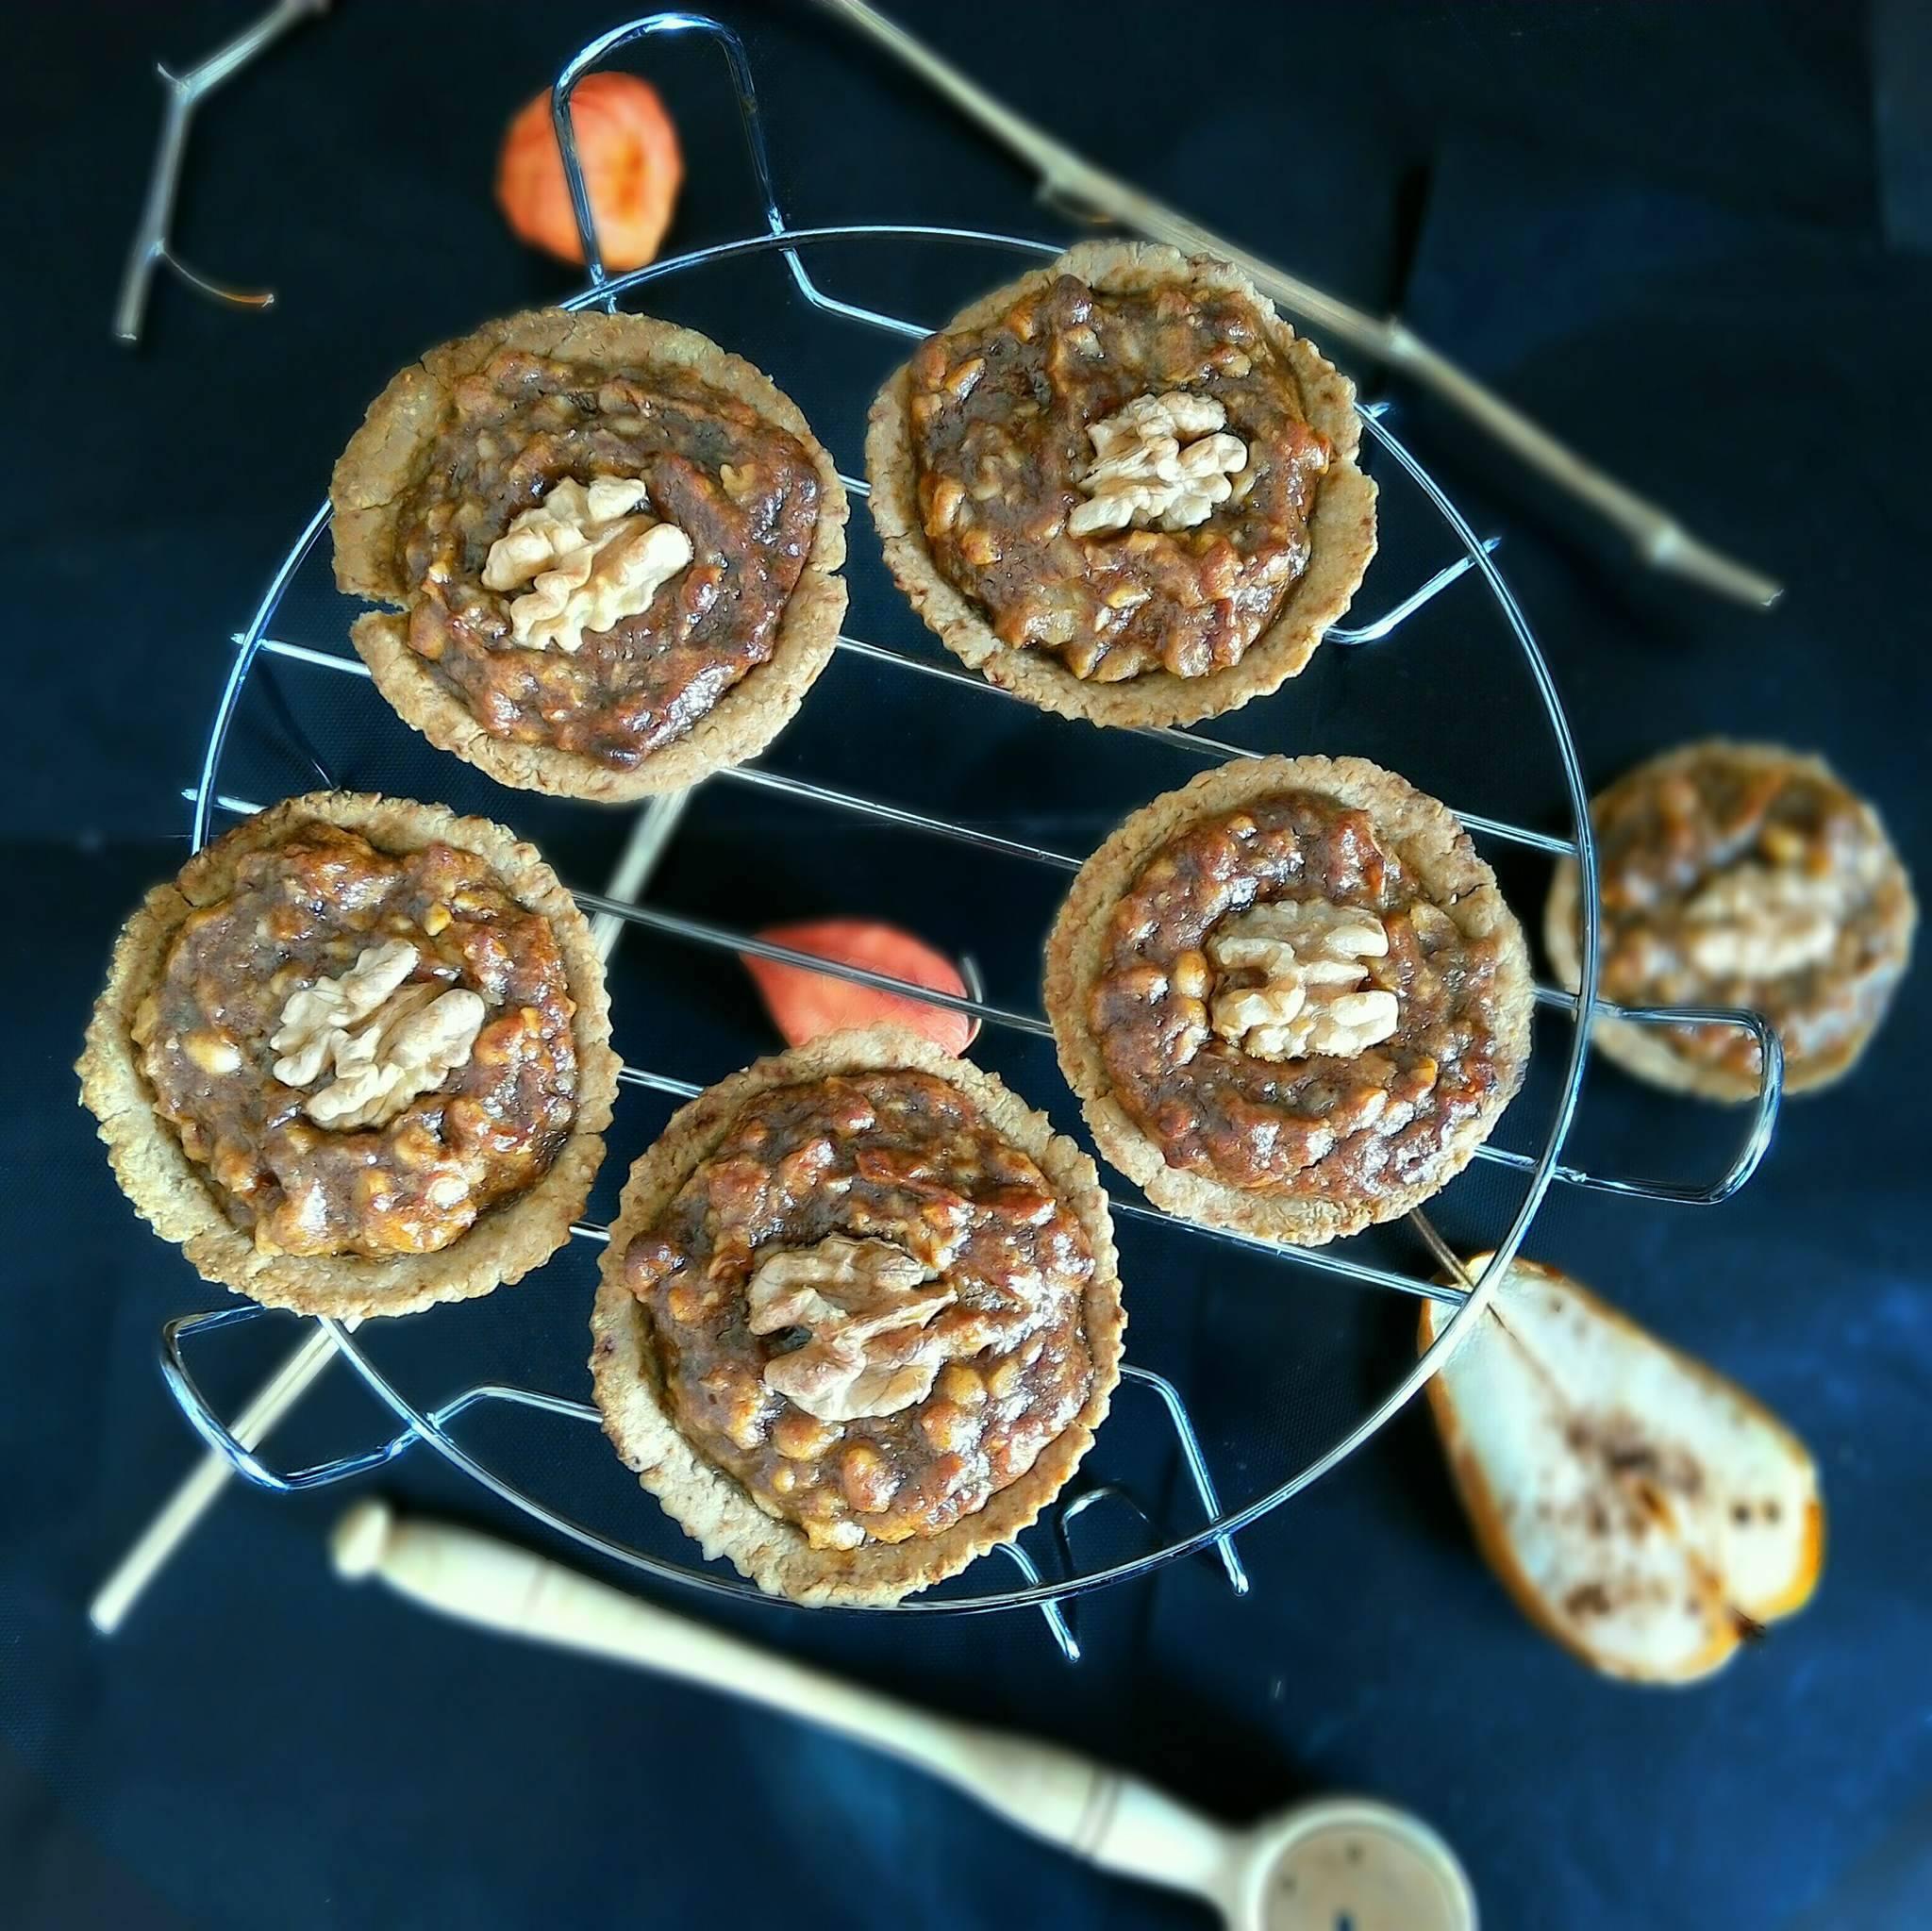 Pecan Pie à l'américaine, la recette saine [option vegan]